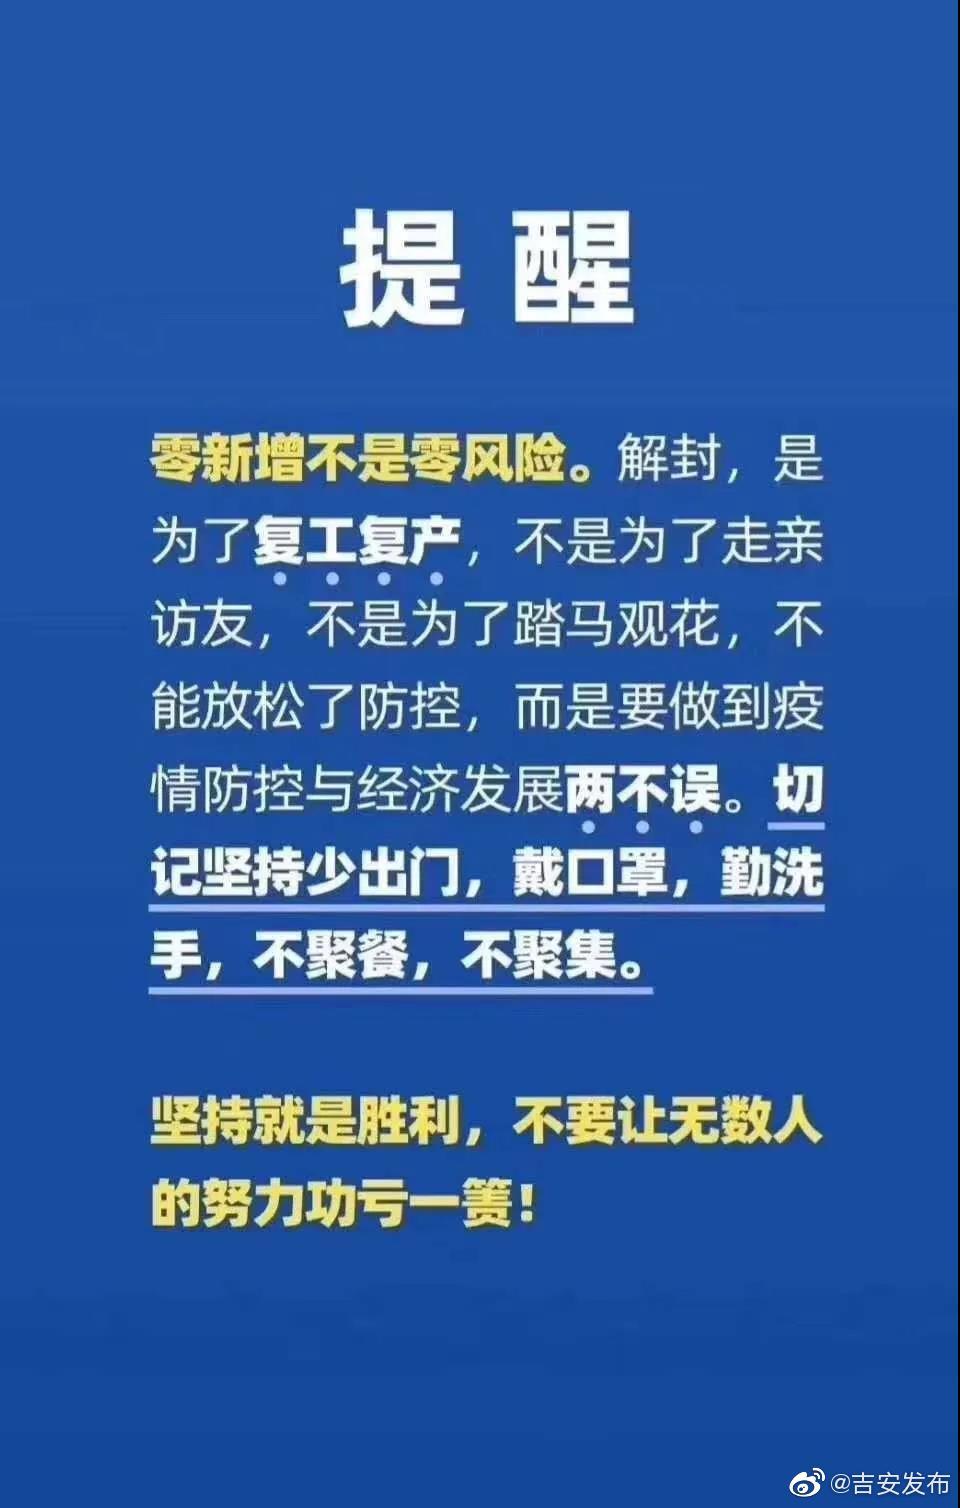 2020年2月22日吉安市无新增新型冠状病毒肺炎确诊病例根据江西省卫生